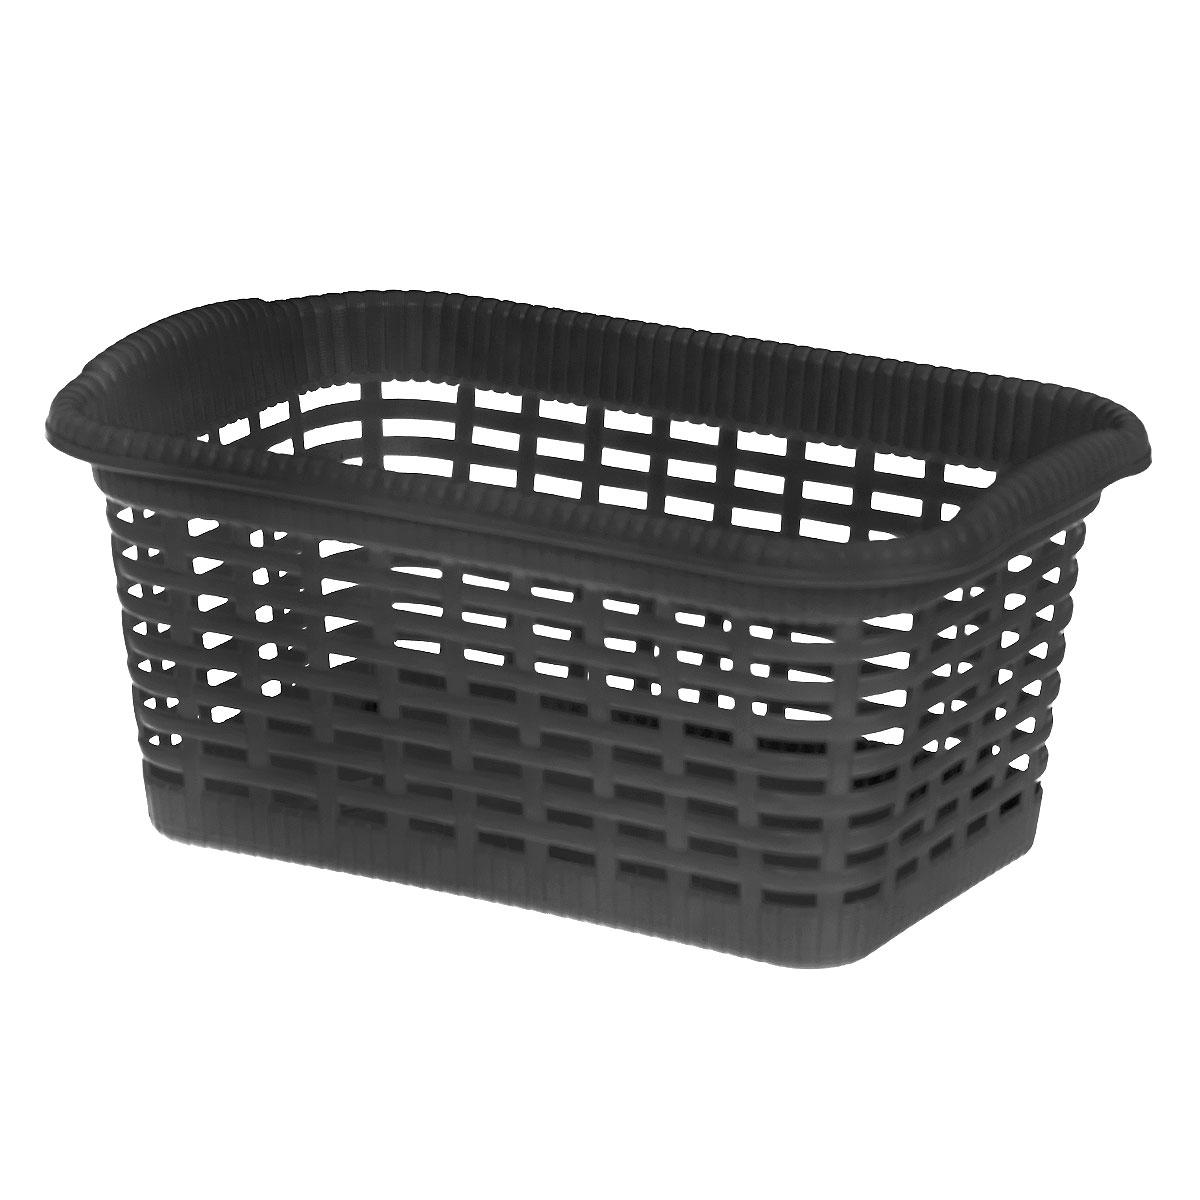 Корзина хозяйственная Gensini, цвет: черный, 29 x 18,5 x 13,5 см3301_черныйУниверсальная корзина Gensini, выполненная из пластика, предназначена для хранения мелочей в ванной, на кухне, даче или гараже. Позволяет хранить мелкие вещи, исключая возможность их потери. Легкая воздушная корзина выполнена под плетенку и оснащена жесткой кромкой.Размер: 29 см x 18,5 см x 13,5 см. Объем: 7 л.